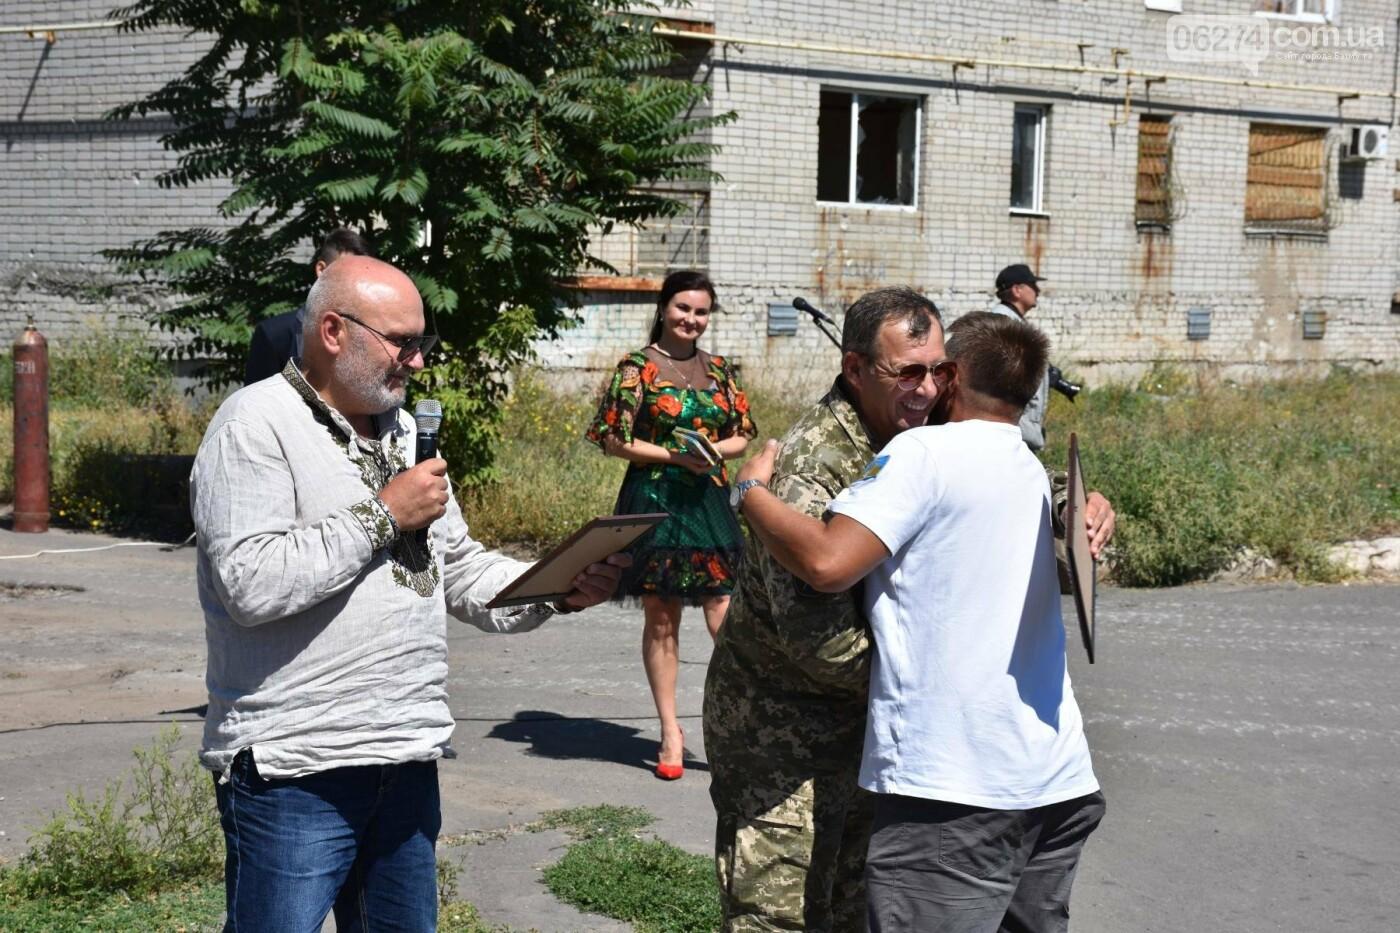 Бахмутчанка сшила флаг Украины для жителей оккупированных территорий, фото-8